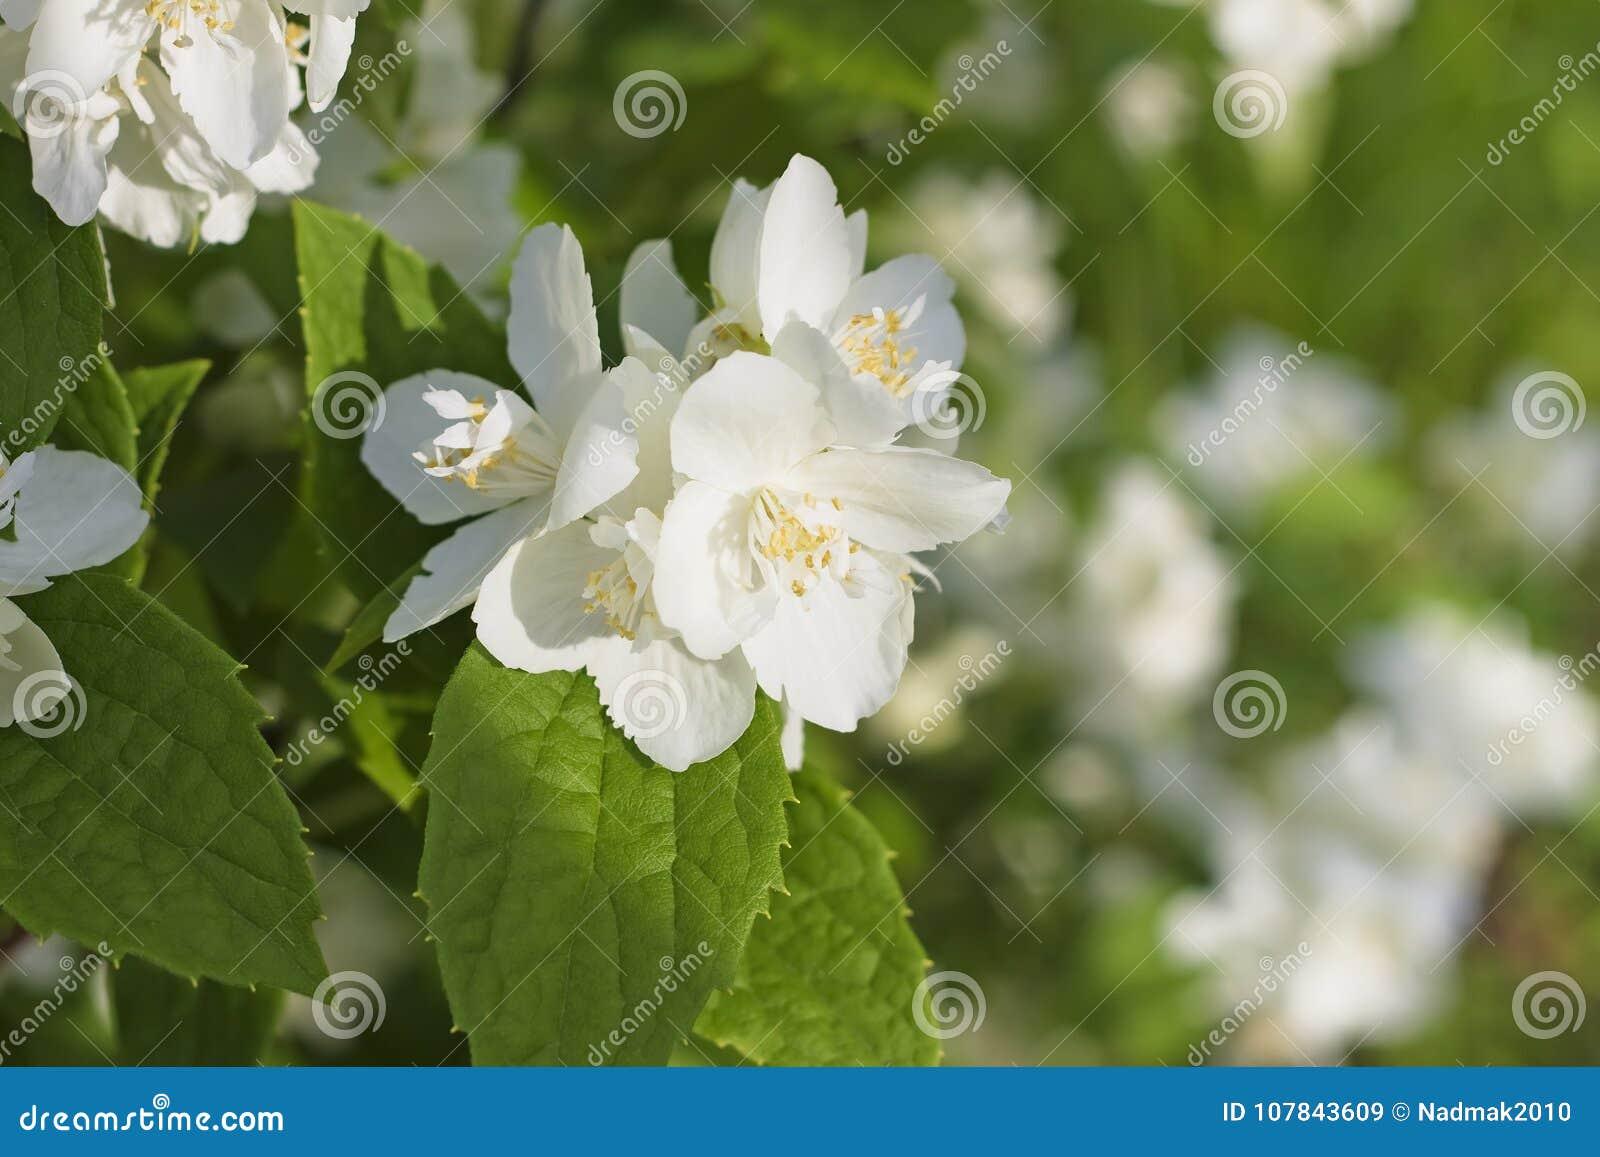 Fragrant White Flowers Of Sweet Mock Orange Philadelphus Corona